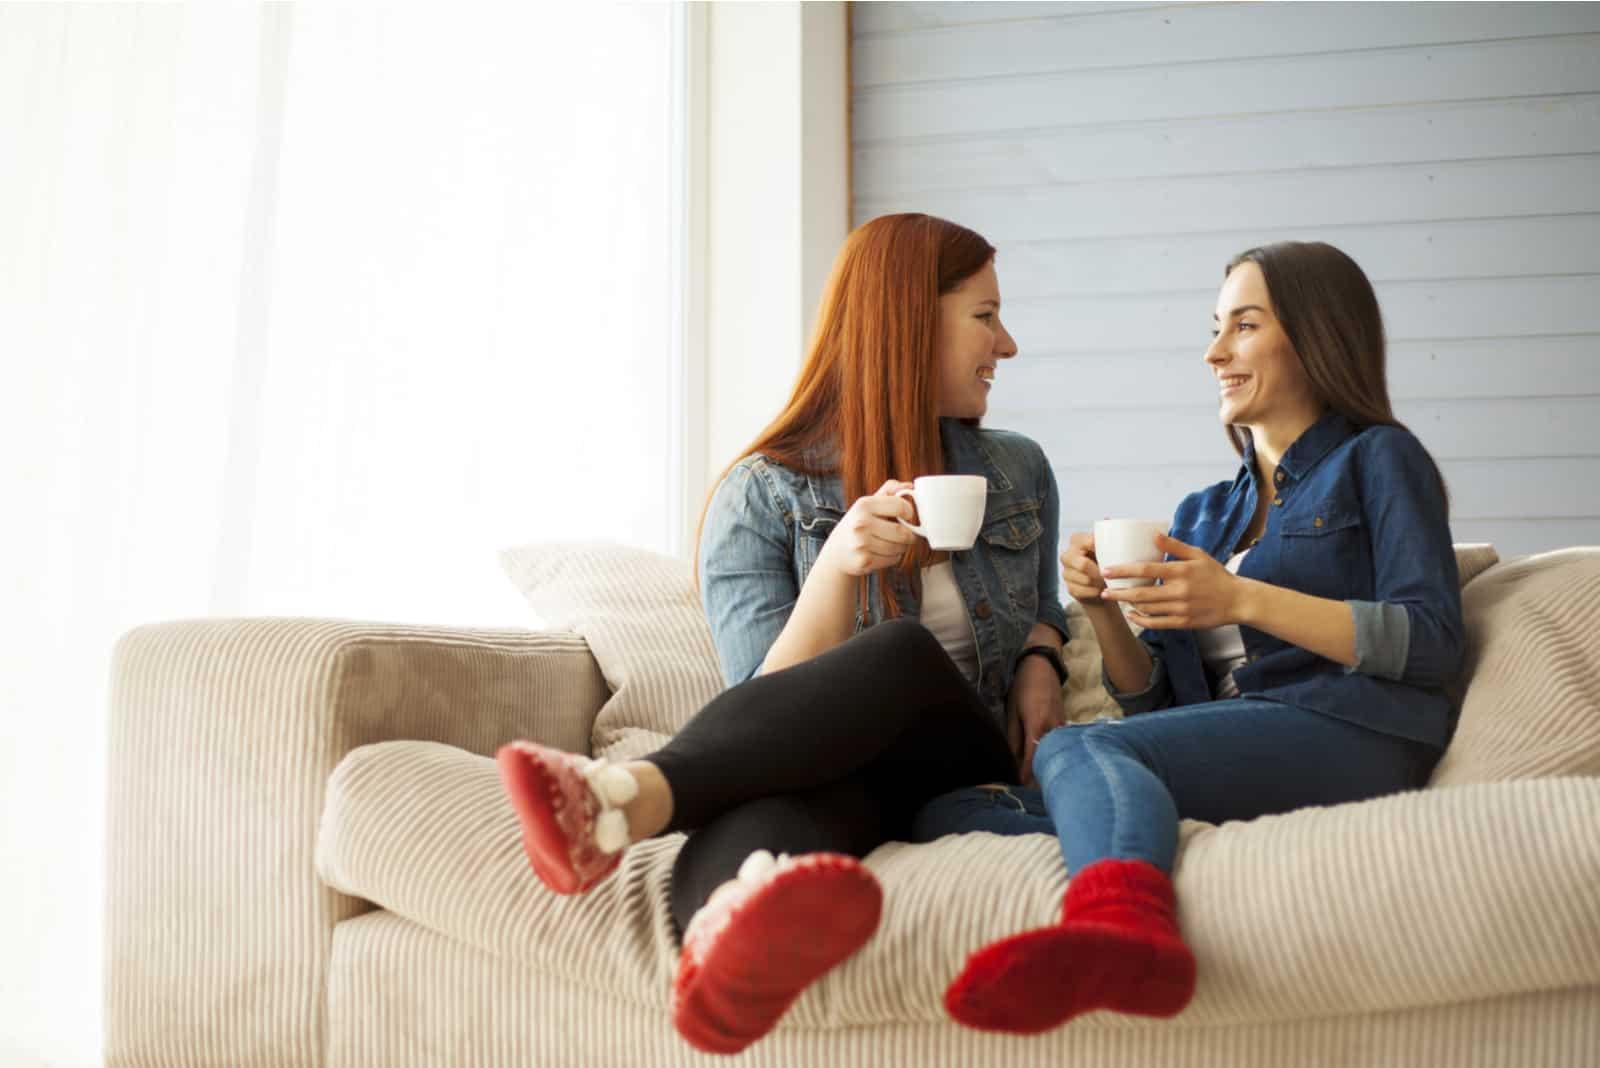 deux femmes assises sur un canapé à la maison parler